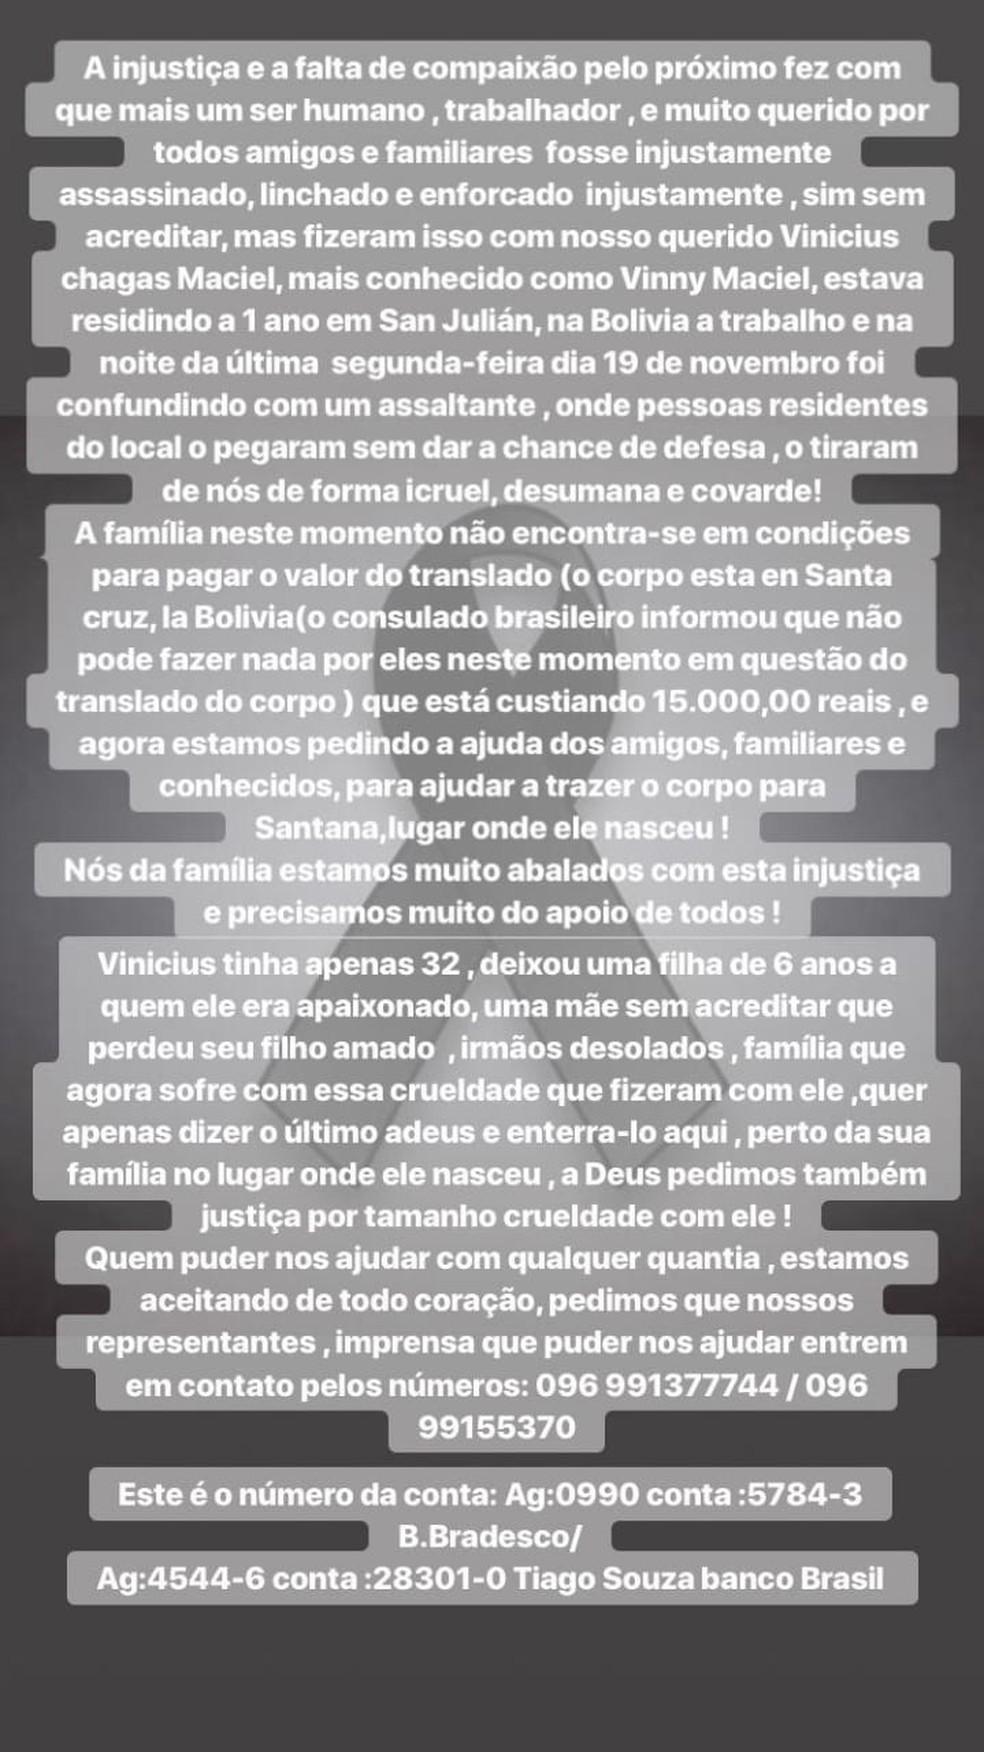 Irmã de Vinícius manifestou indignação em uma rede social, com pedido de ajuda para o traslado do corpo — Foto: Reprodução